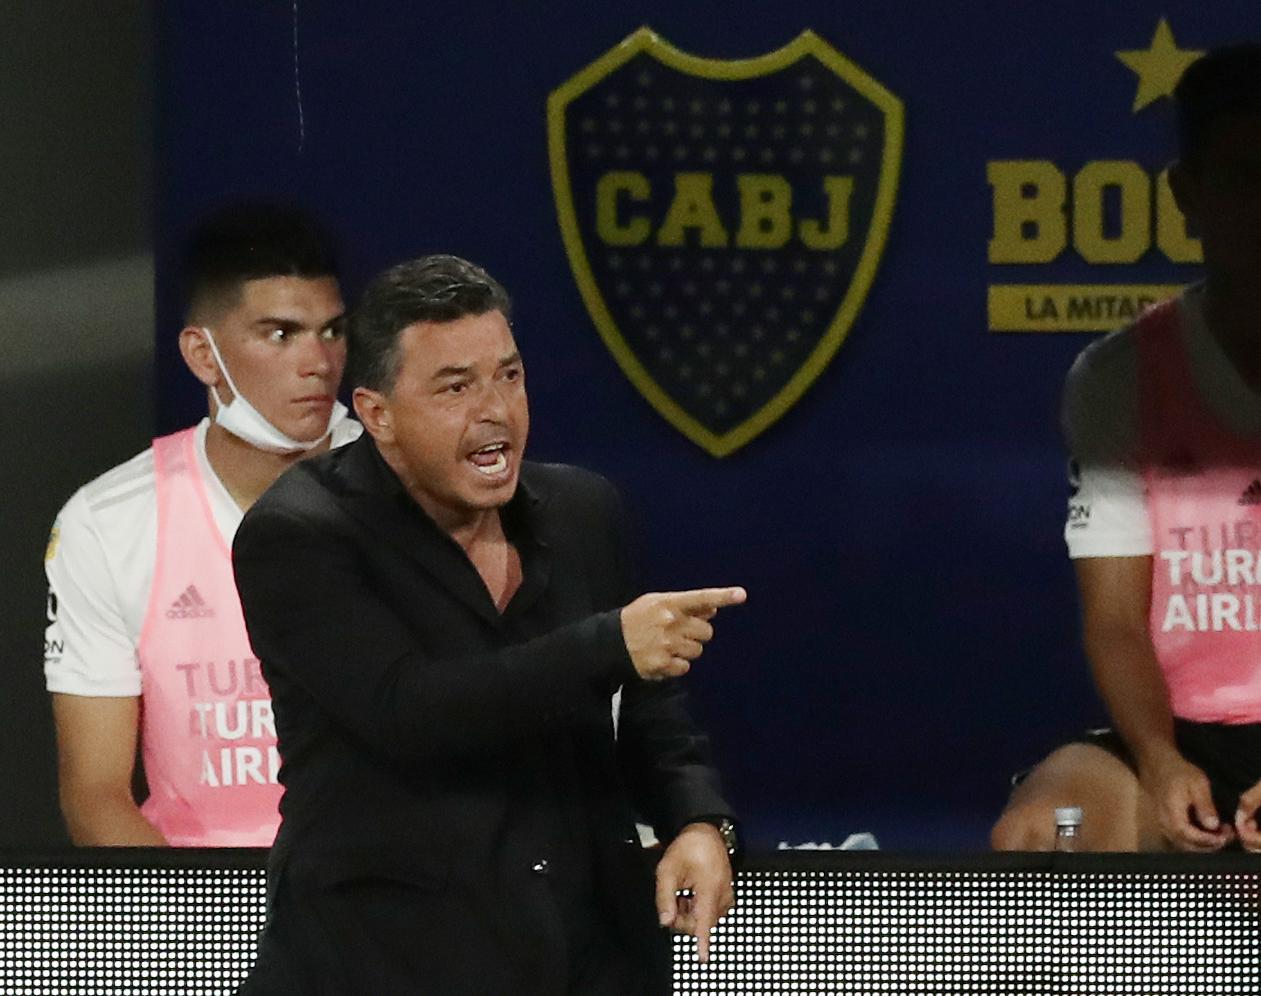 El enojo de Gallardo por el codazo de Campuzano a Carrascal. El árbitro Rapallini sólo sancionó con tarjeta amarilla (REUTERS/Alejandro Pagni)